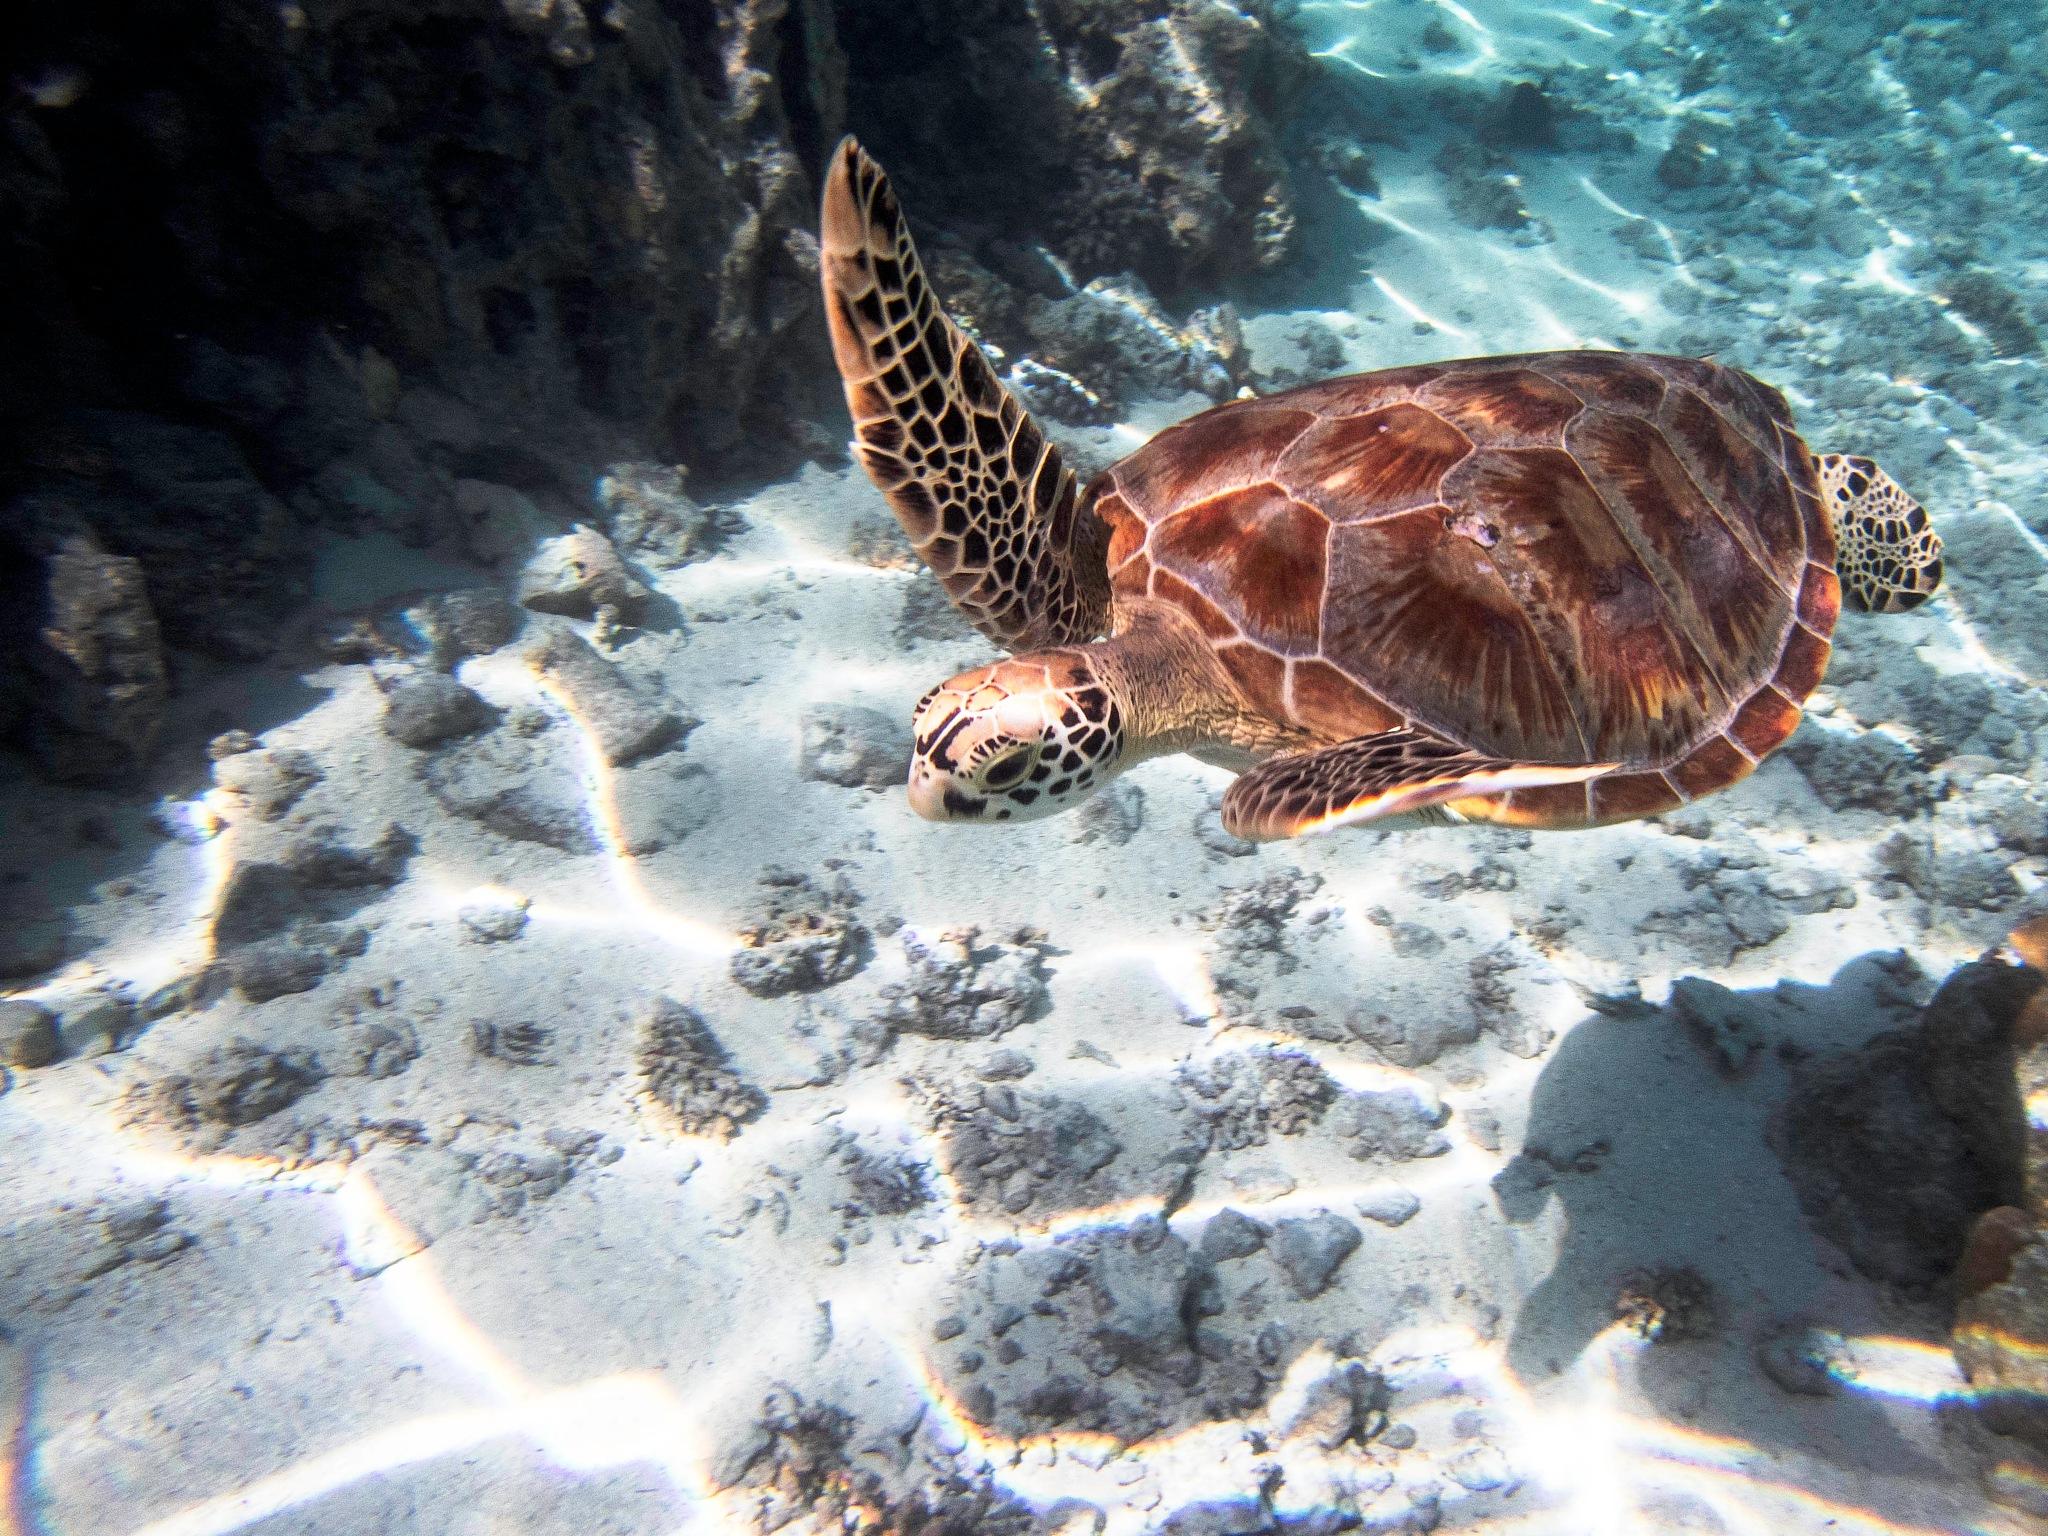 Bora Bora Sea Turtle by Michelle Holiman